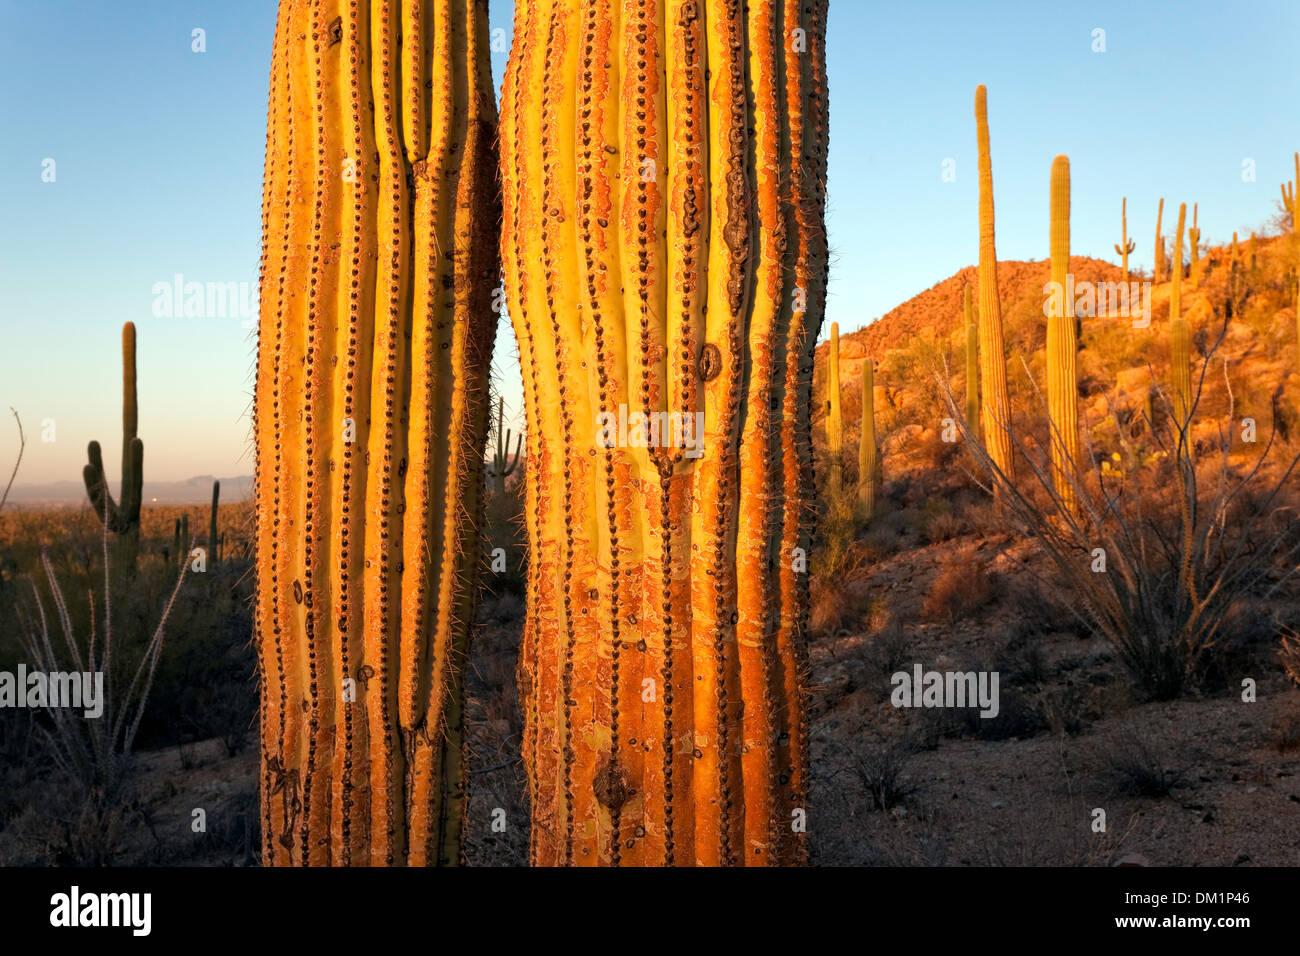 Cactus géant saguaro (Carnegiea gigantea), Saguaro National Park, de l'unité ouest, Tucson, Arizona Banque D'Images